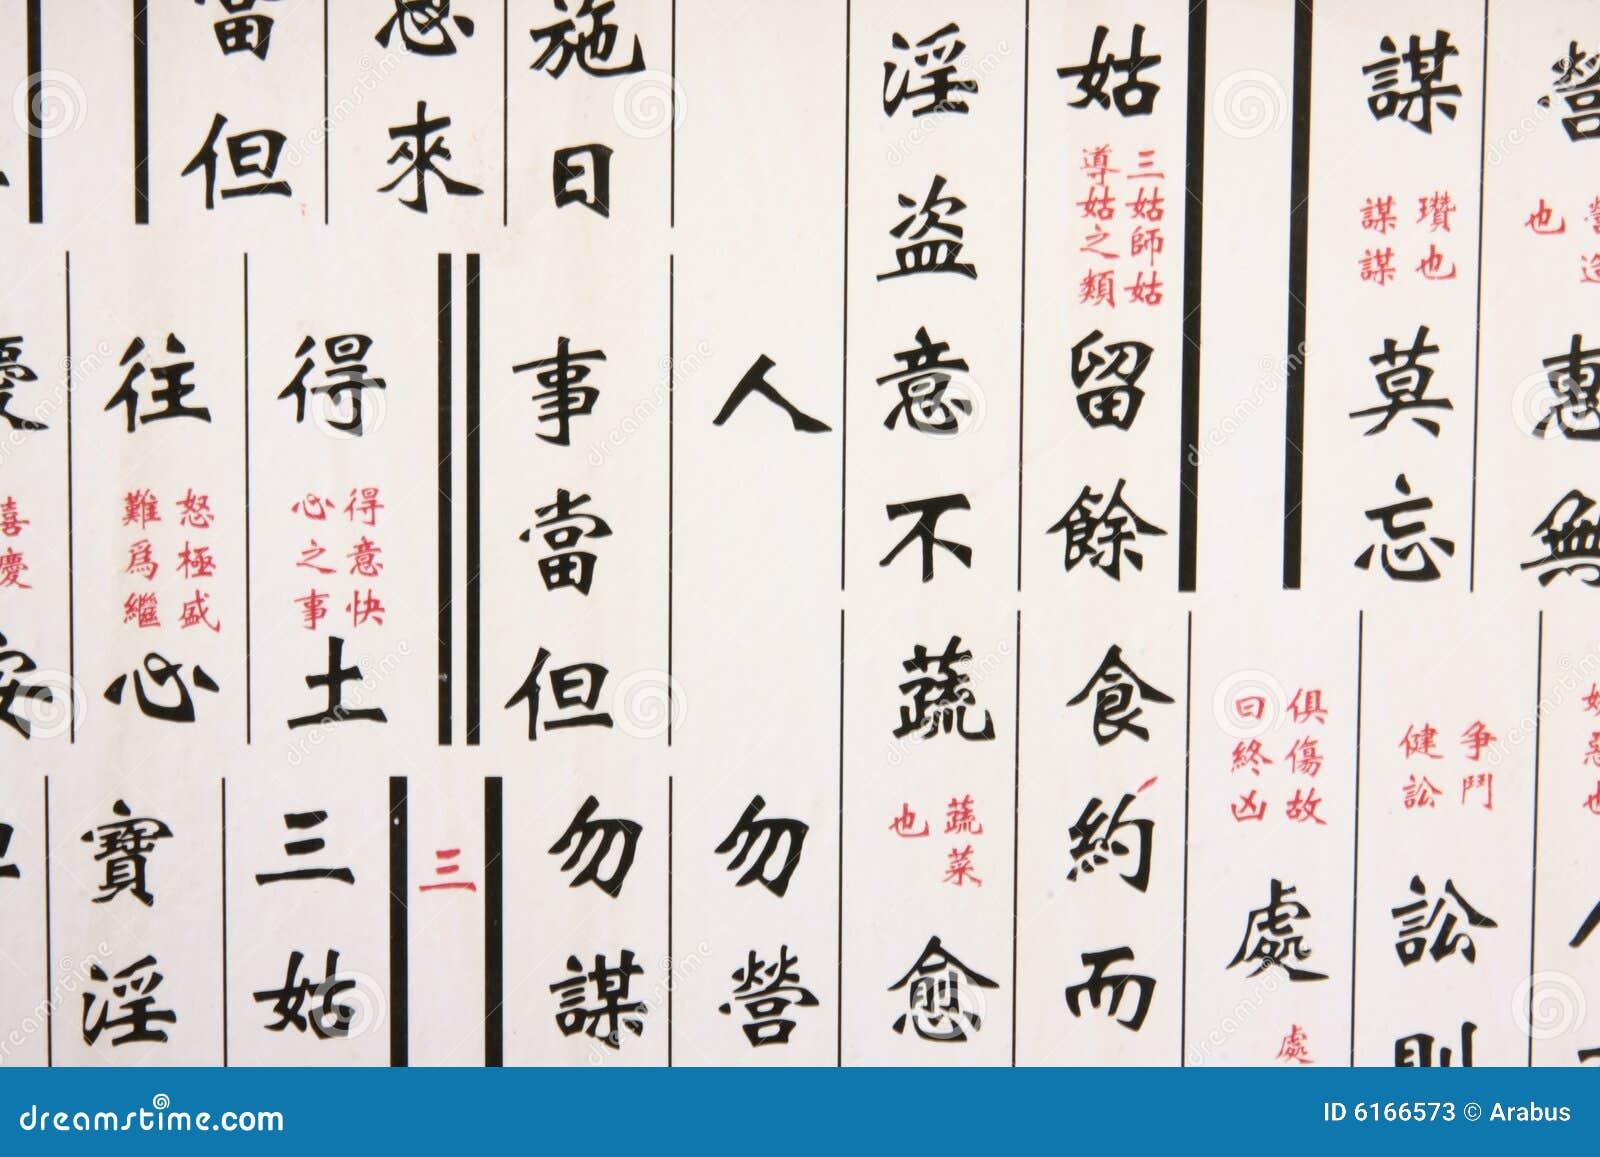 Papier peint decor mer villeneuve d 39 ascq devis maison en for Papier peint motif chinois